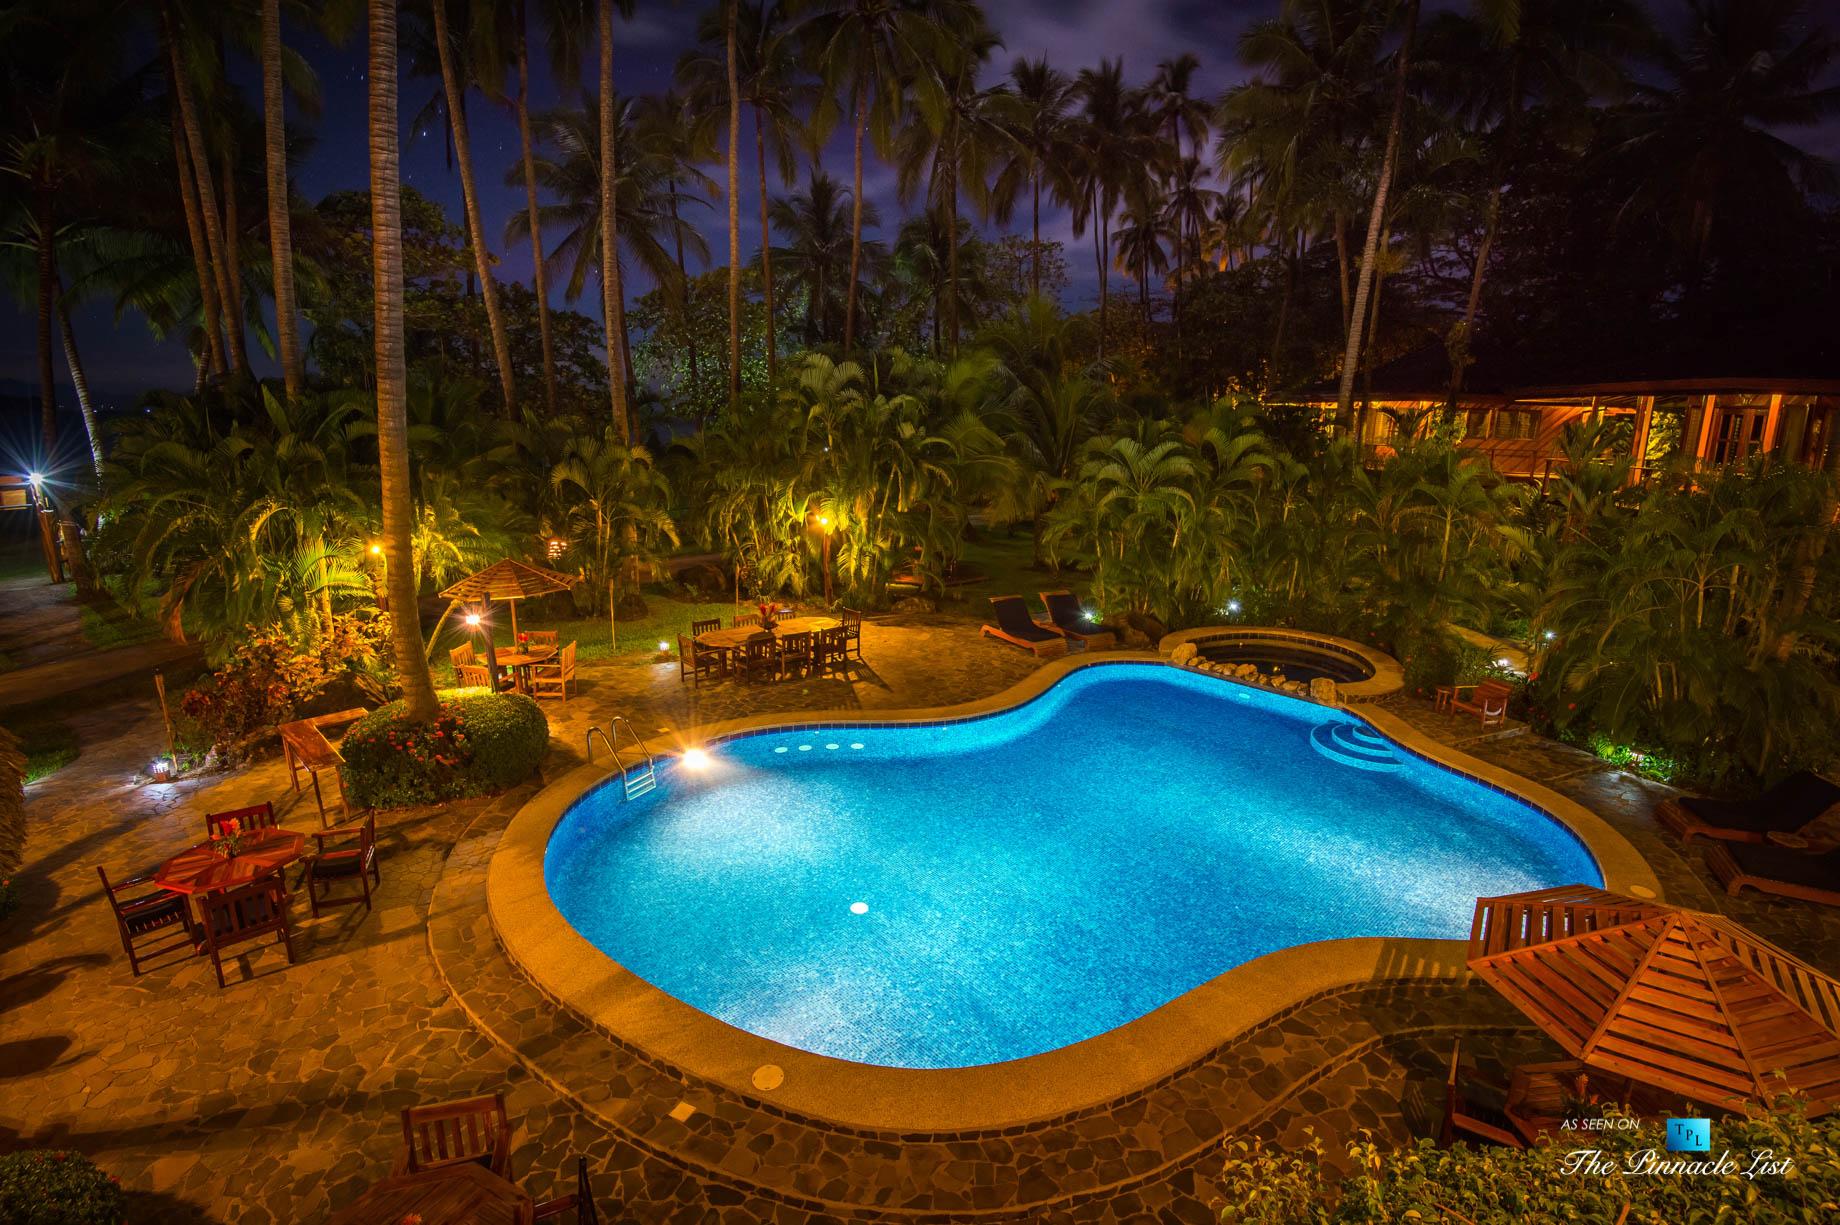 Tambor Tropical Beach Resort – Tambor, Puntarenas, Costa Rica – Tropical Pool at Night